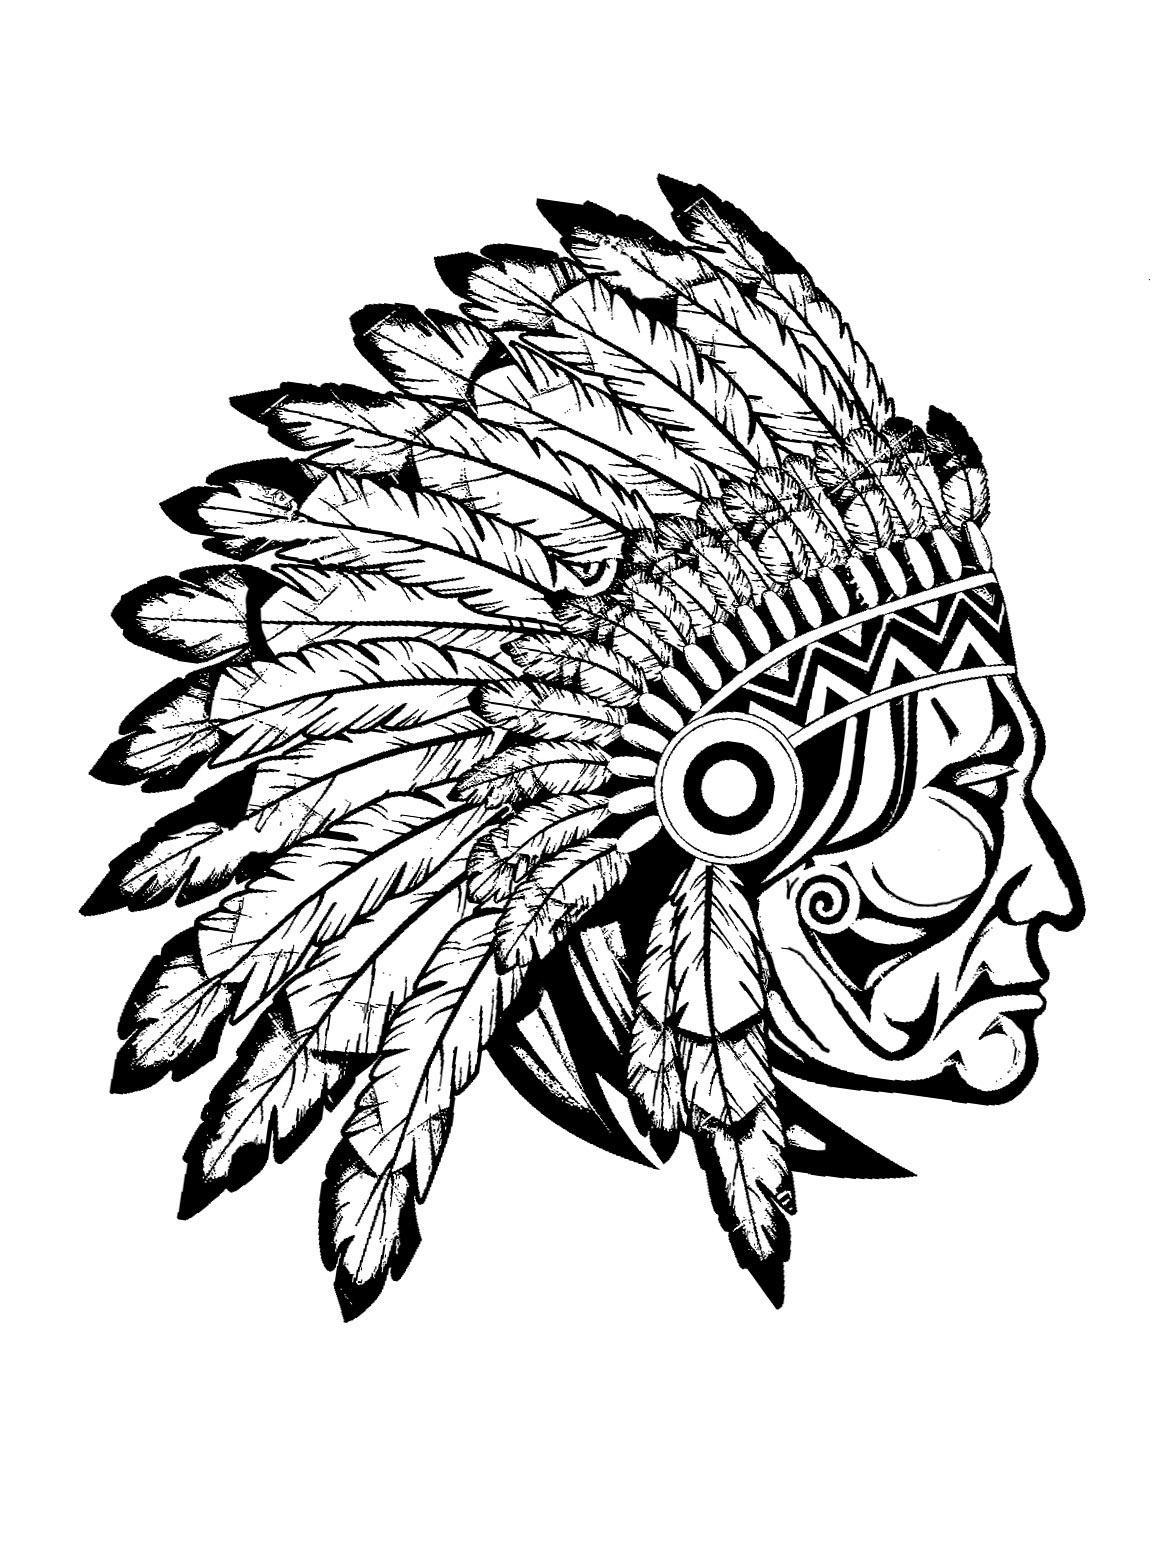 1174x1542 Indian Coloring Page Indian Coloring Page Indian Native Chief